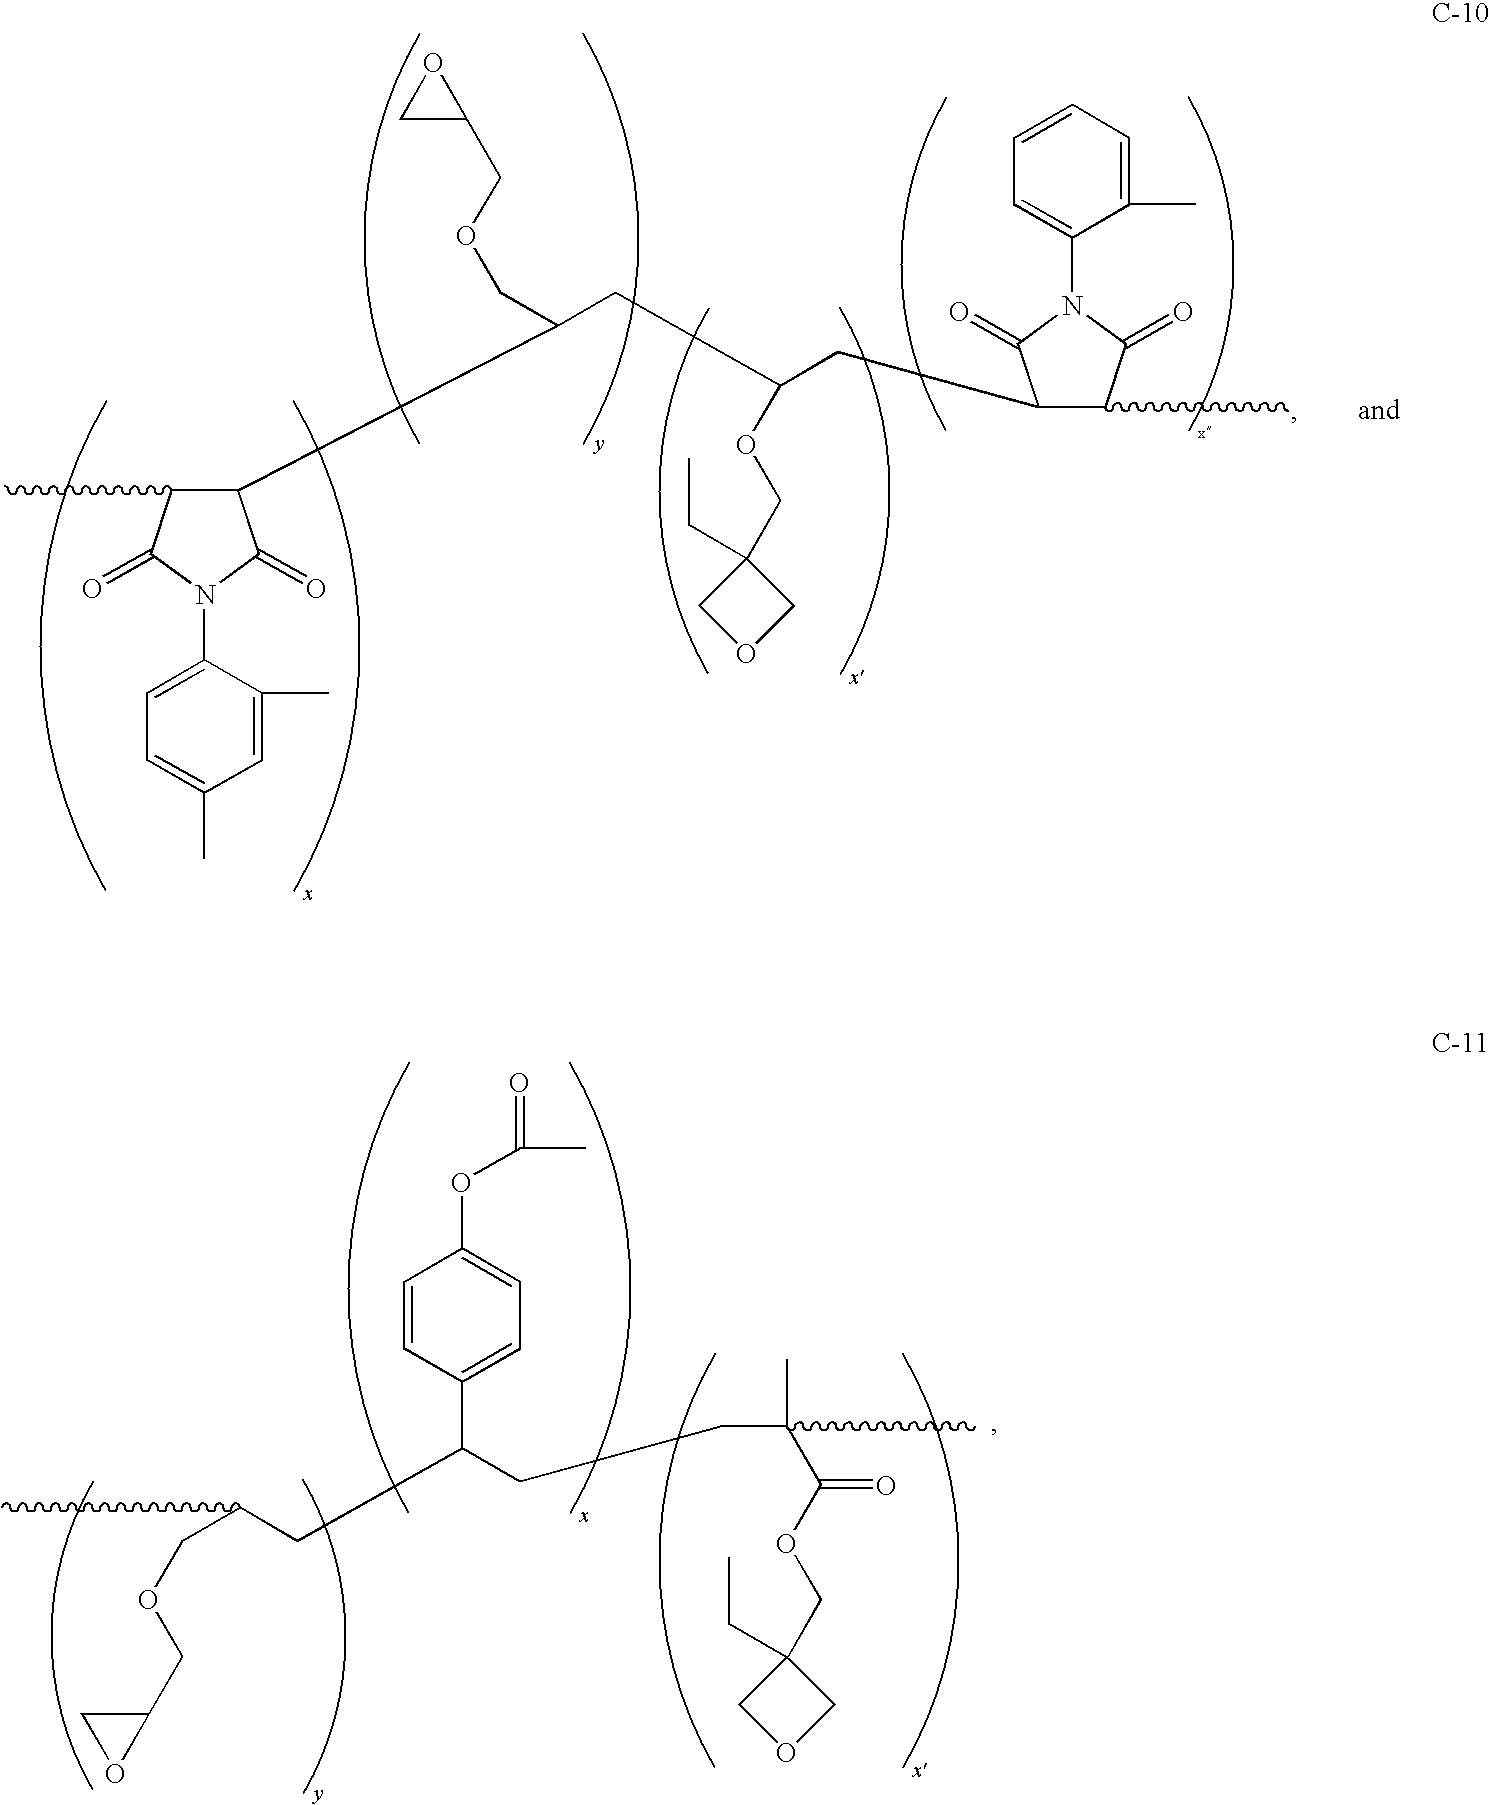 Figure US20100056671A1-20100304-C00006